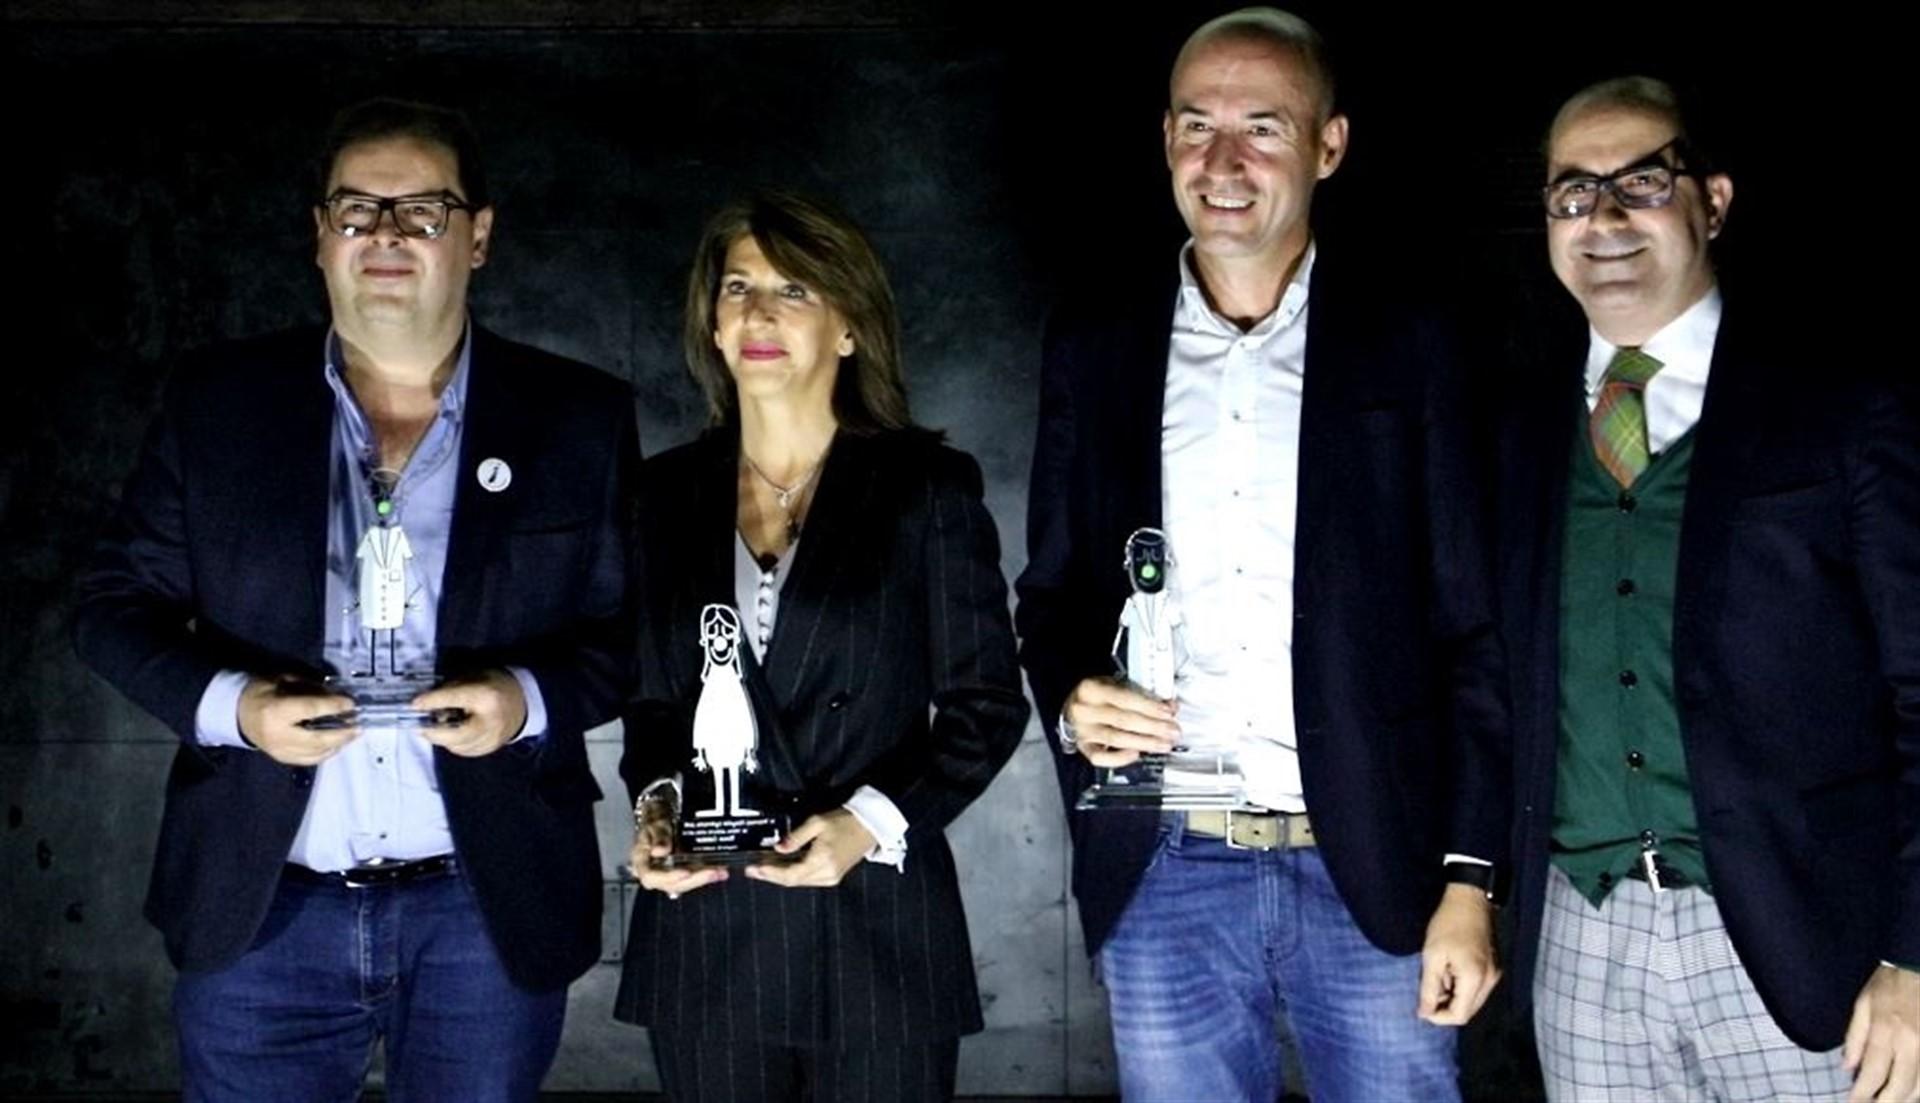 El Hospital de Guadarrama (Madrid) y su gerente, la enfermera Rosa Salazar, ganadores de los premios Hospital Optimista